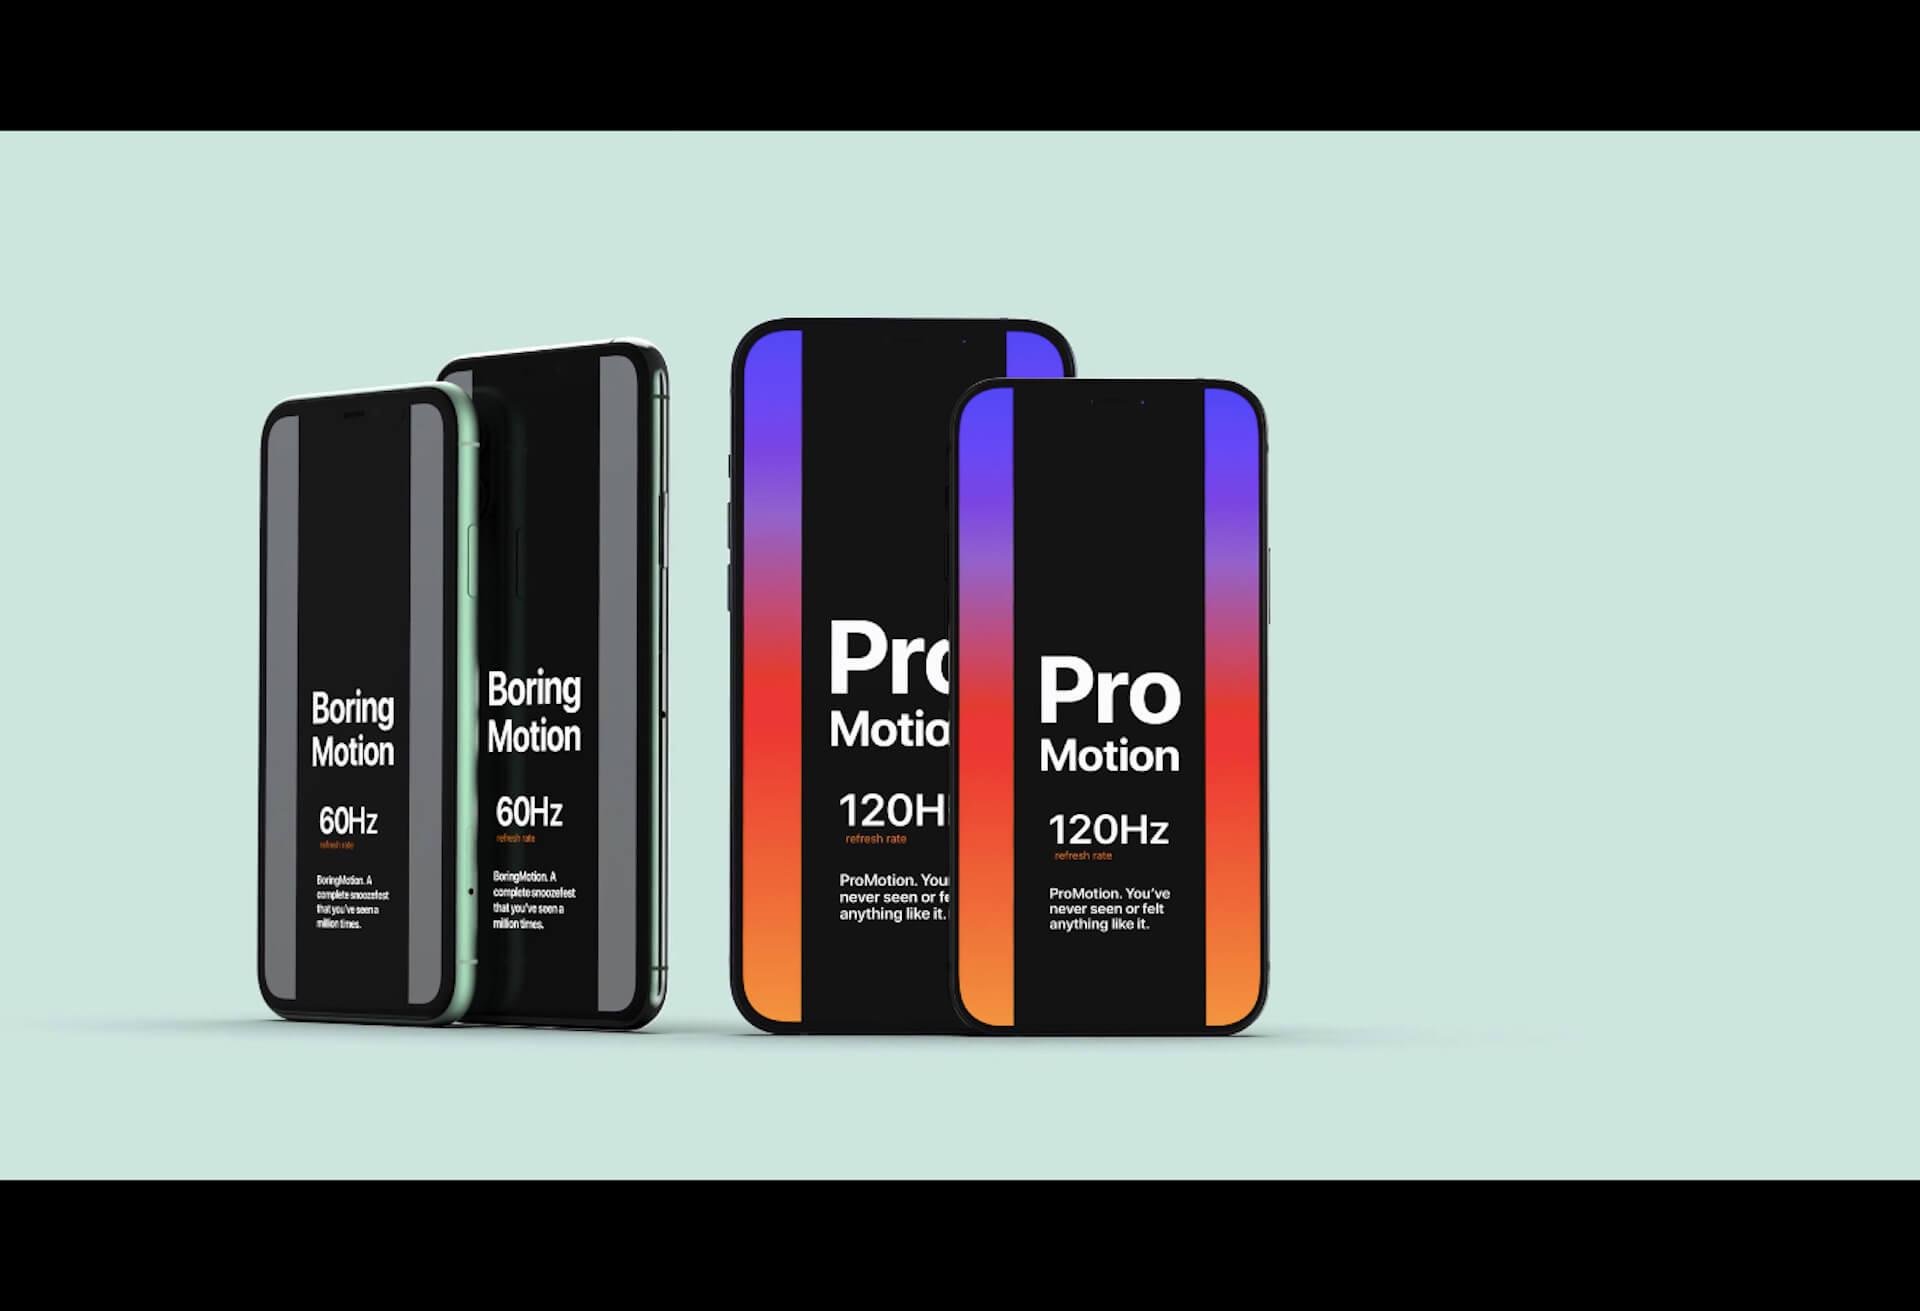 iPhone 12 Proシリーズは120HzリフレッシュレートのProMotionディスプレイ搭載で決定?情報源が多数登場 tech200629_iphone12_main